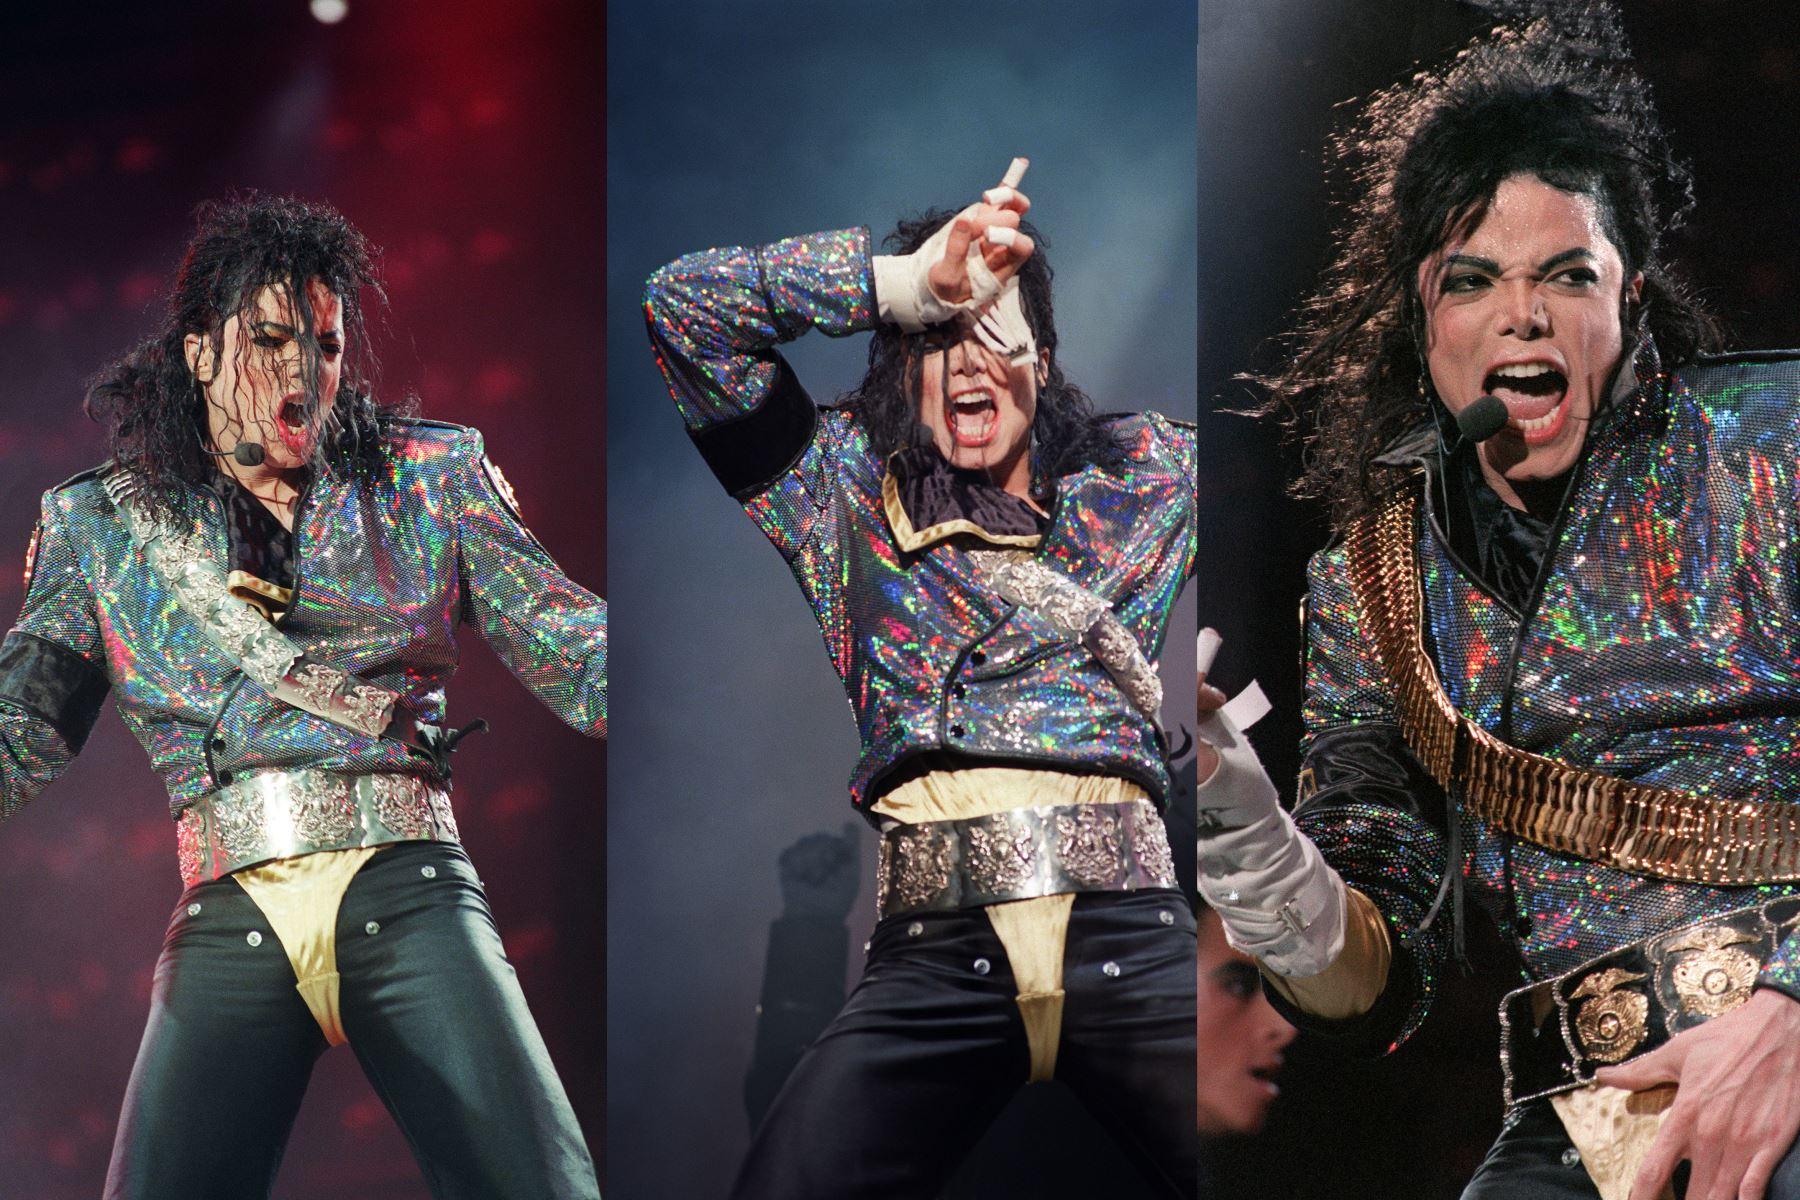 La estrella pop y artista estadounidense Michael Jackson se presenta durante un concierto en septiembre de 1992. Foto: AFP